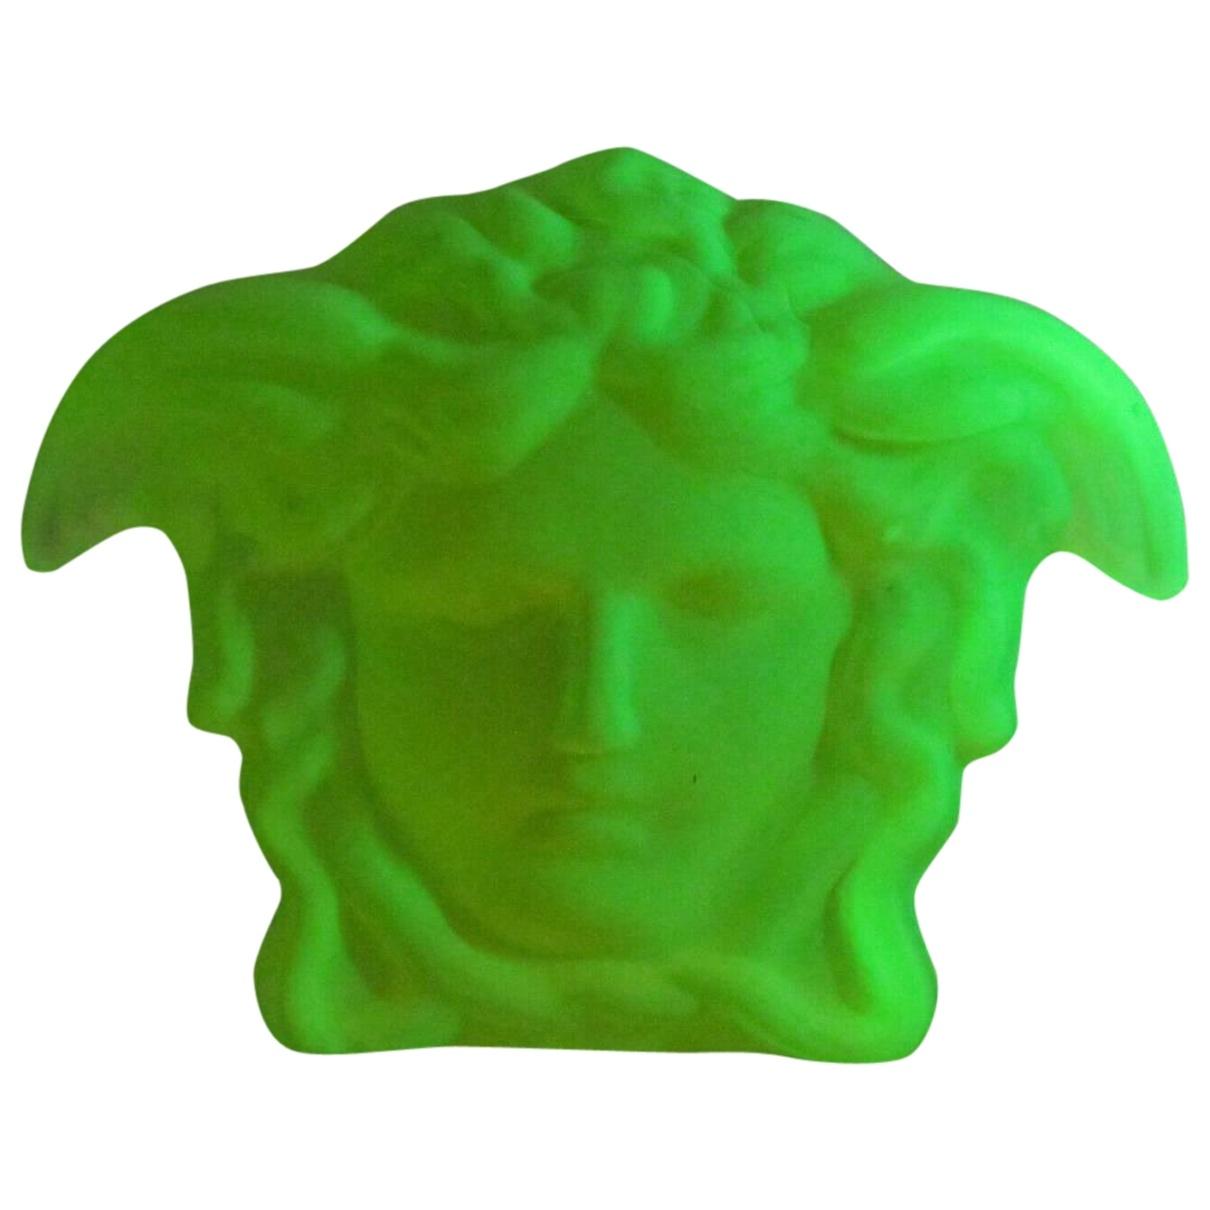 Versace - Arts de la table   pour lifestyle en cristal - vert